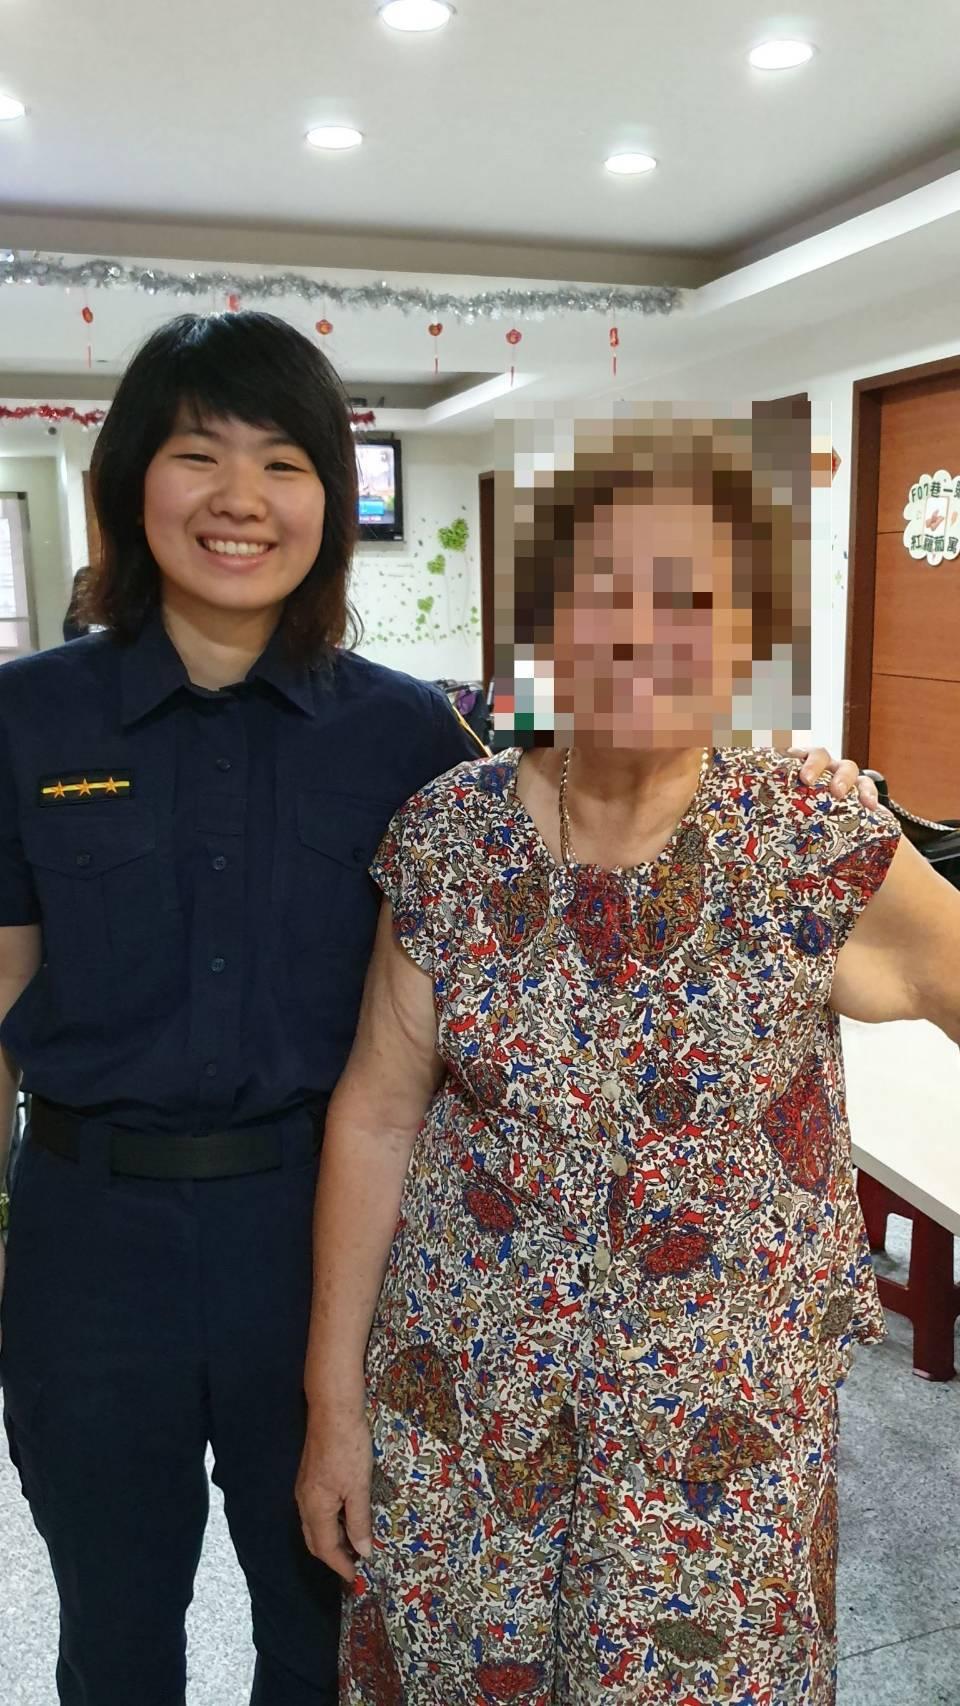 警方順利送老婦返家。記者廖炳棋/翻攝